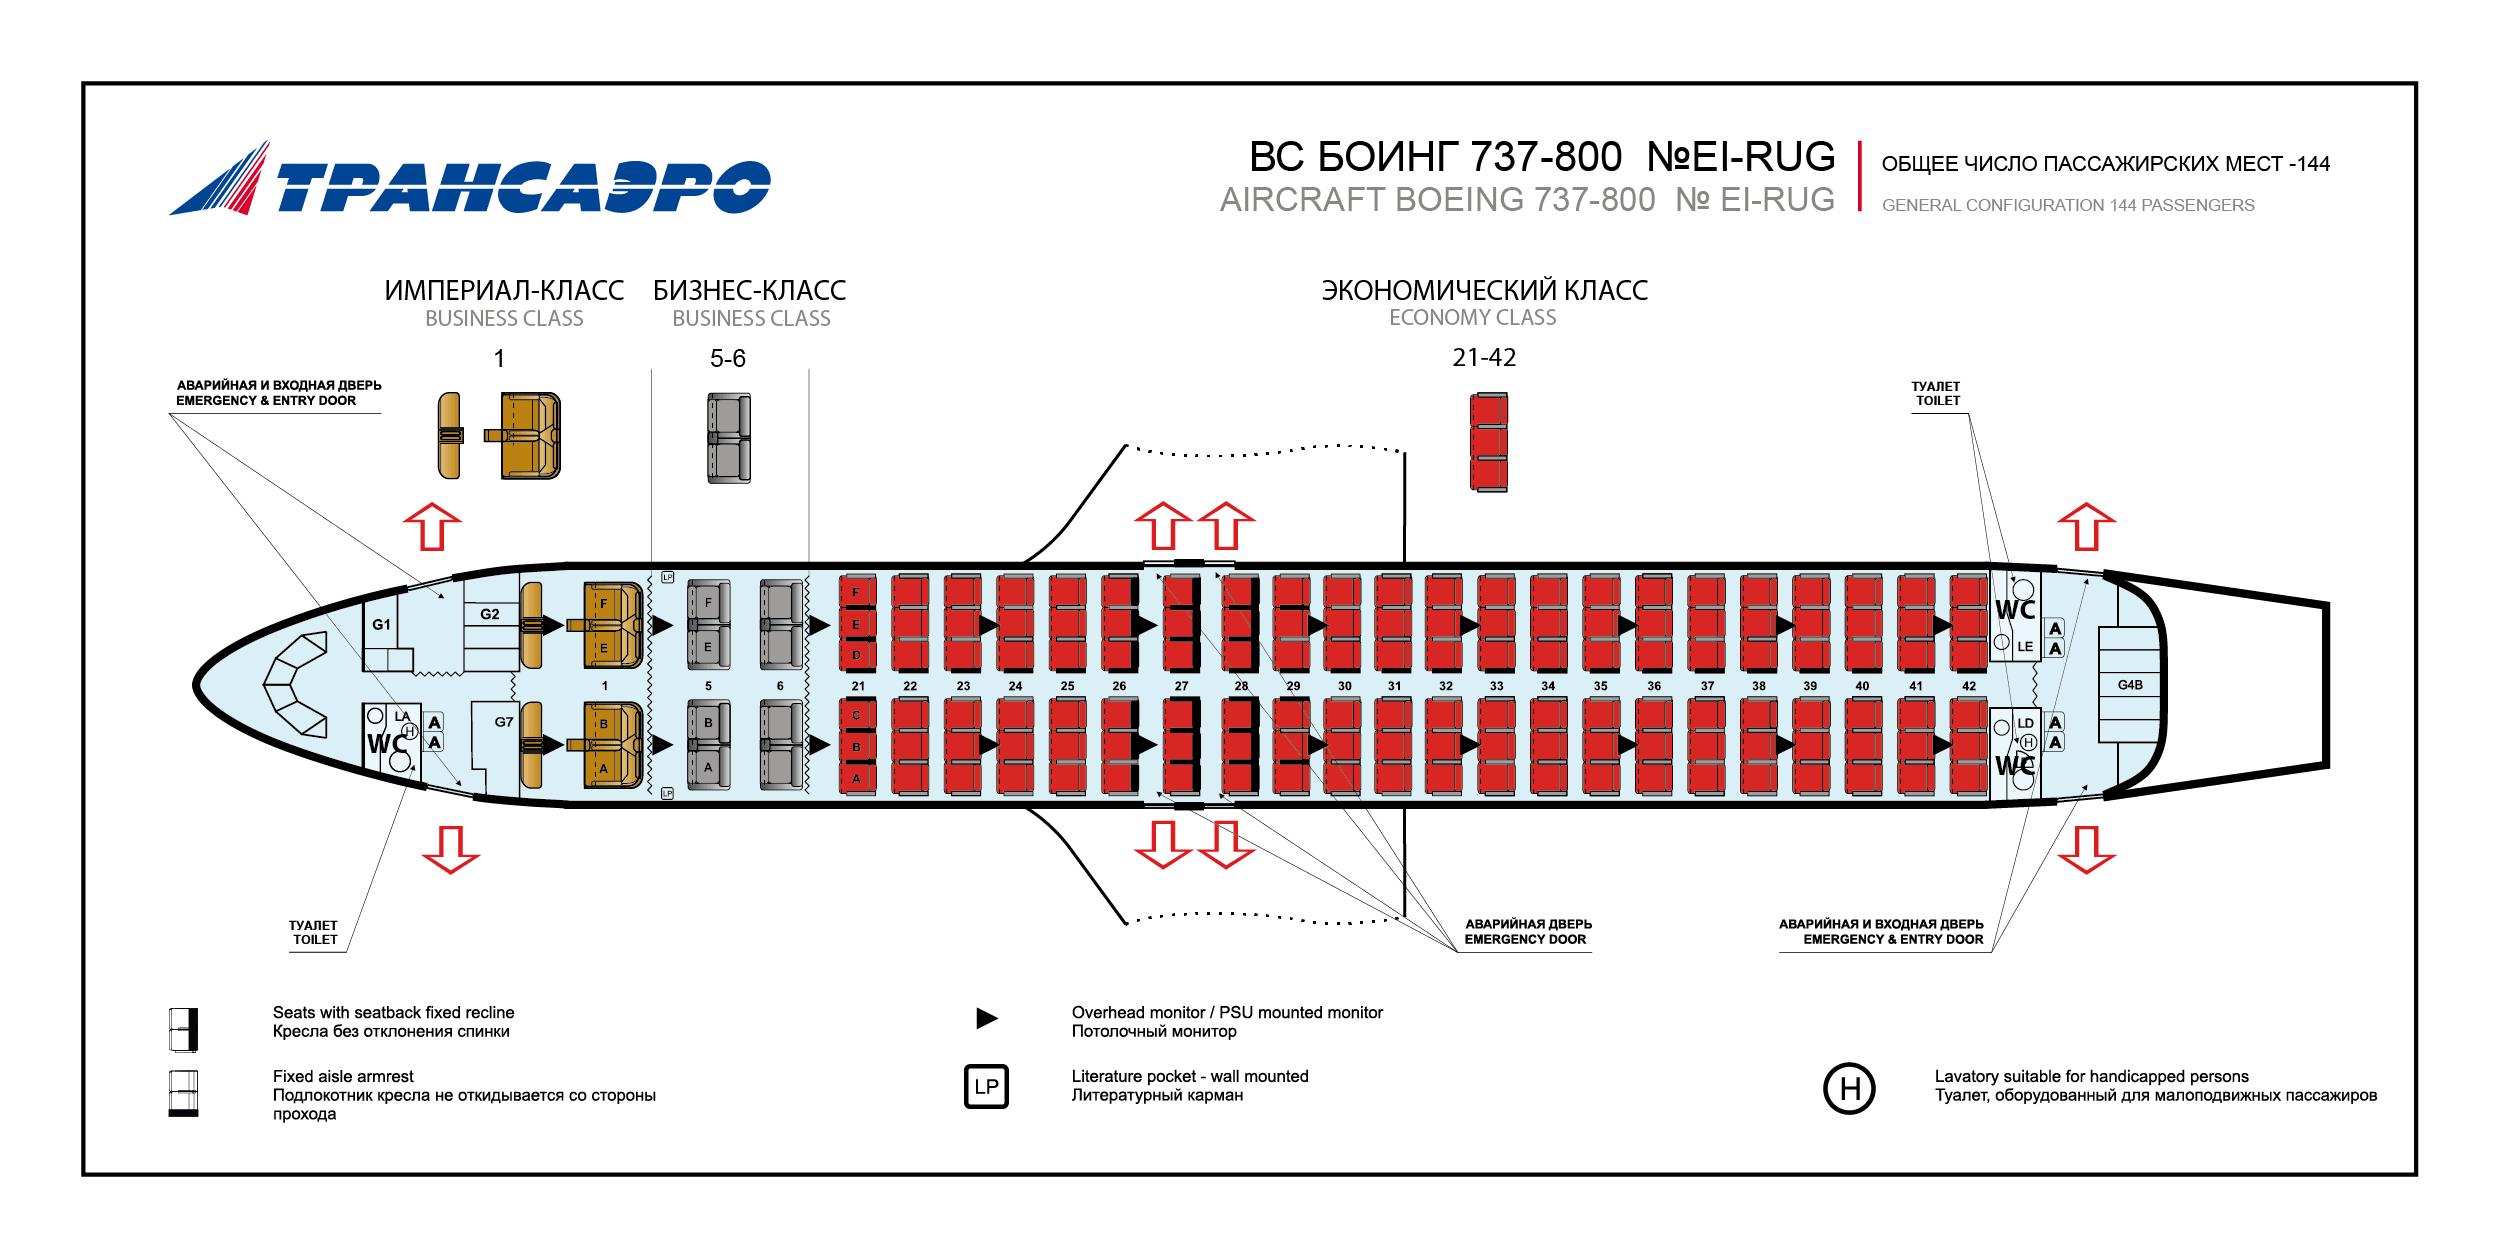 767 300 боинг схема самолета фото 748